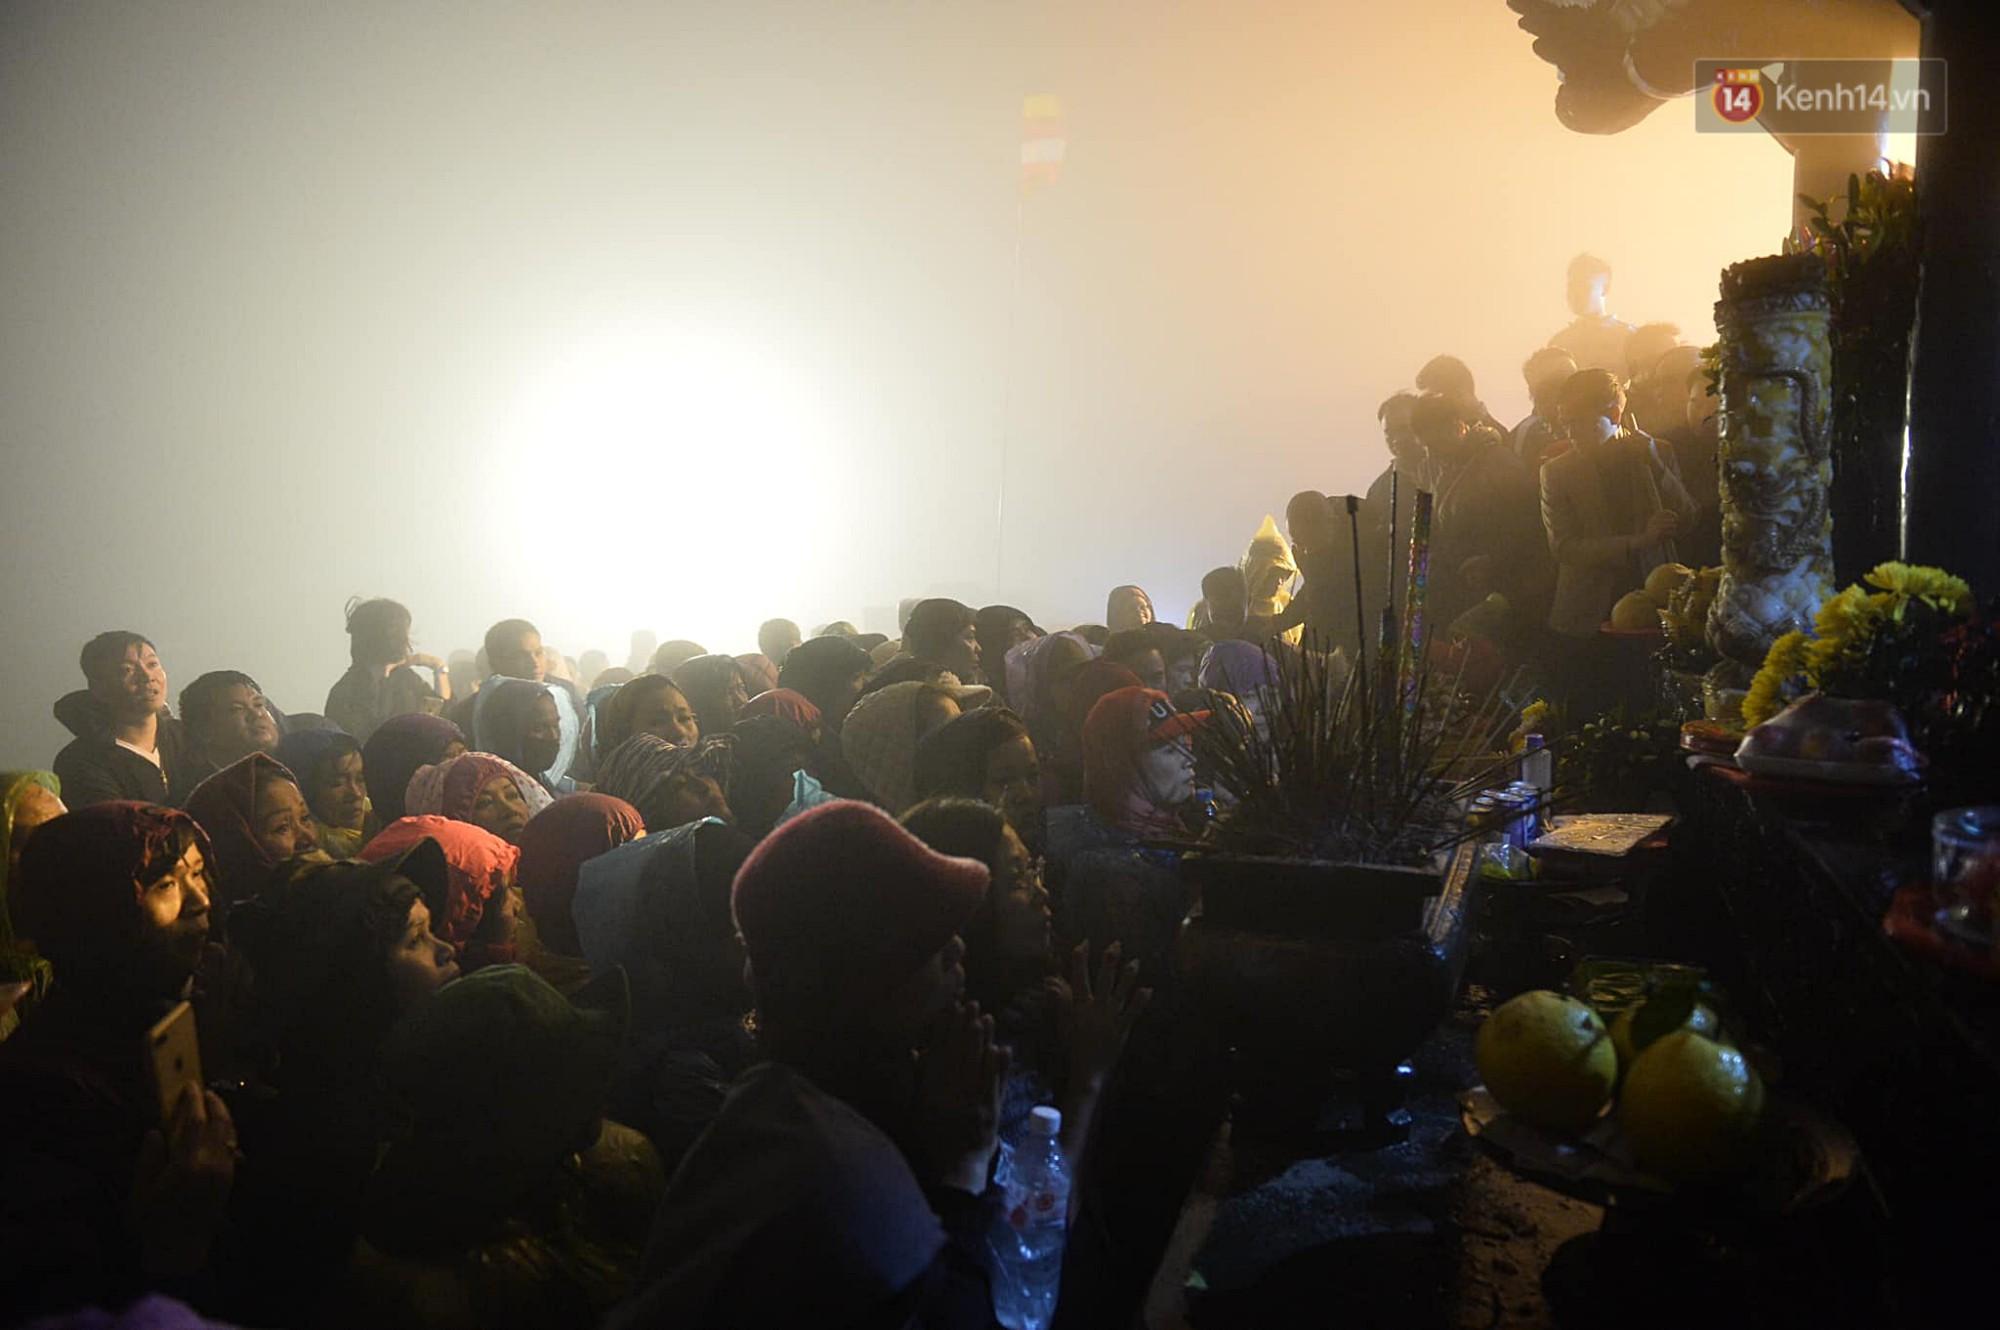 Hàng ngàn người dân đội mưa phùn trong giá rét, hành hương lên đỉnh Yên Tử trong đêm-14